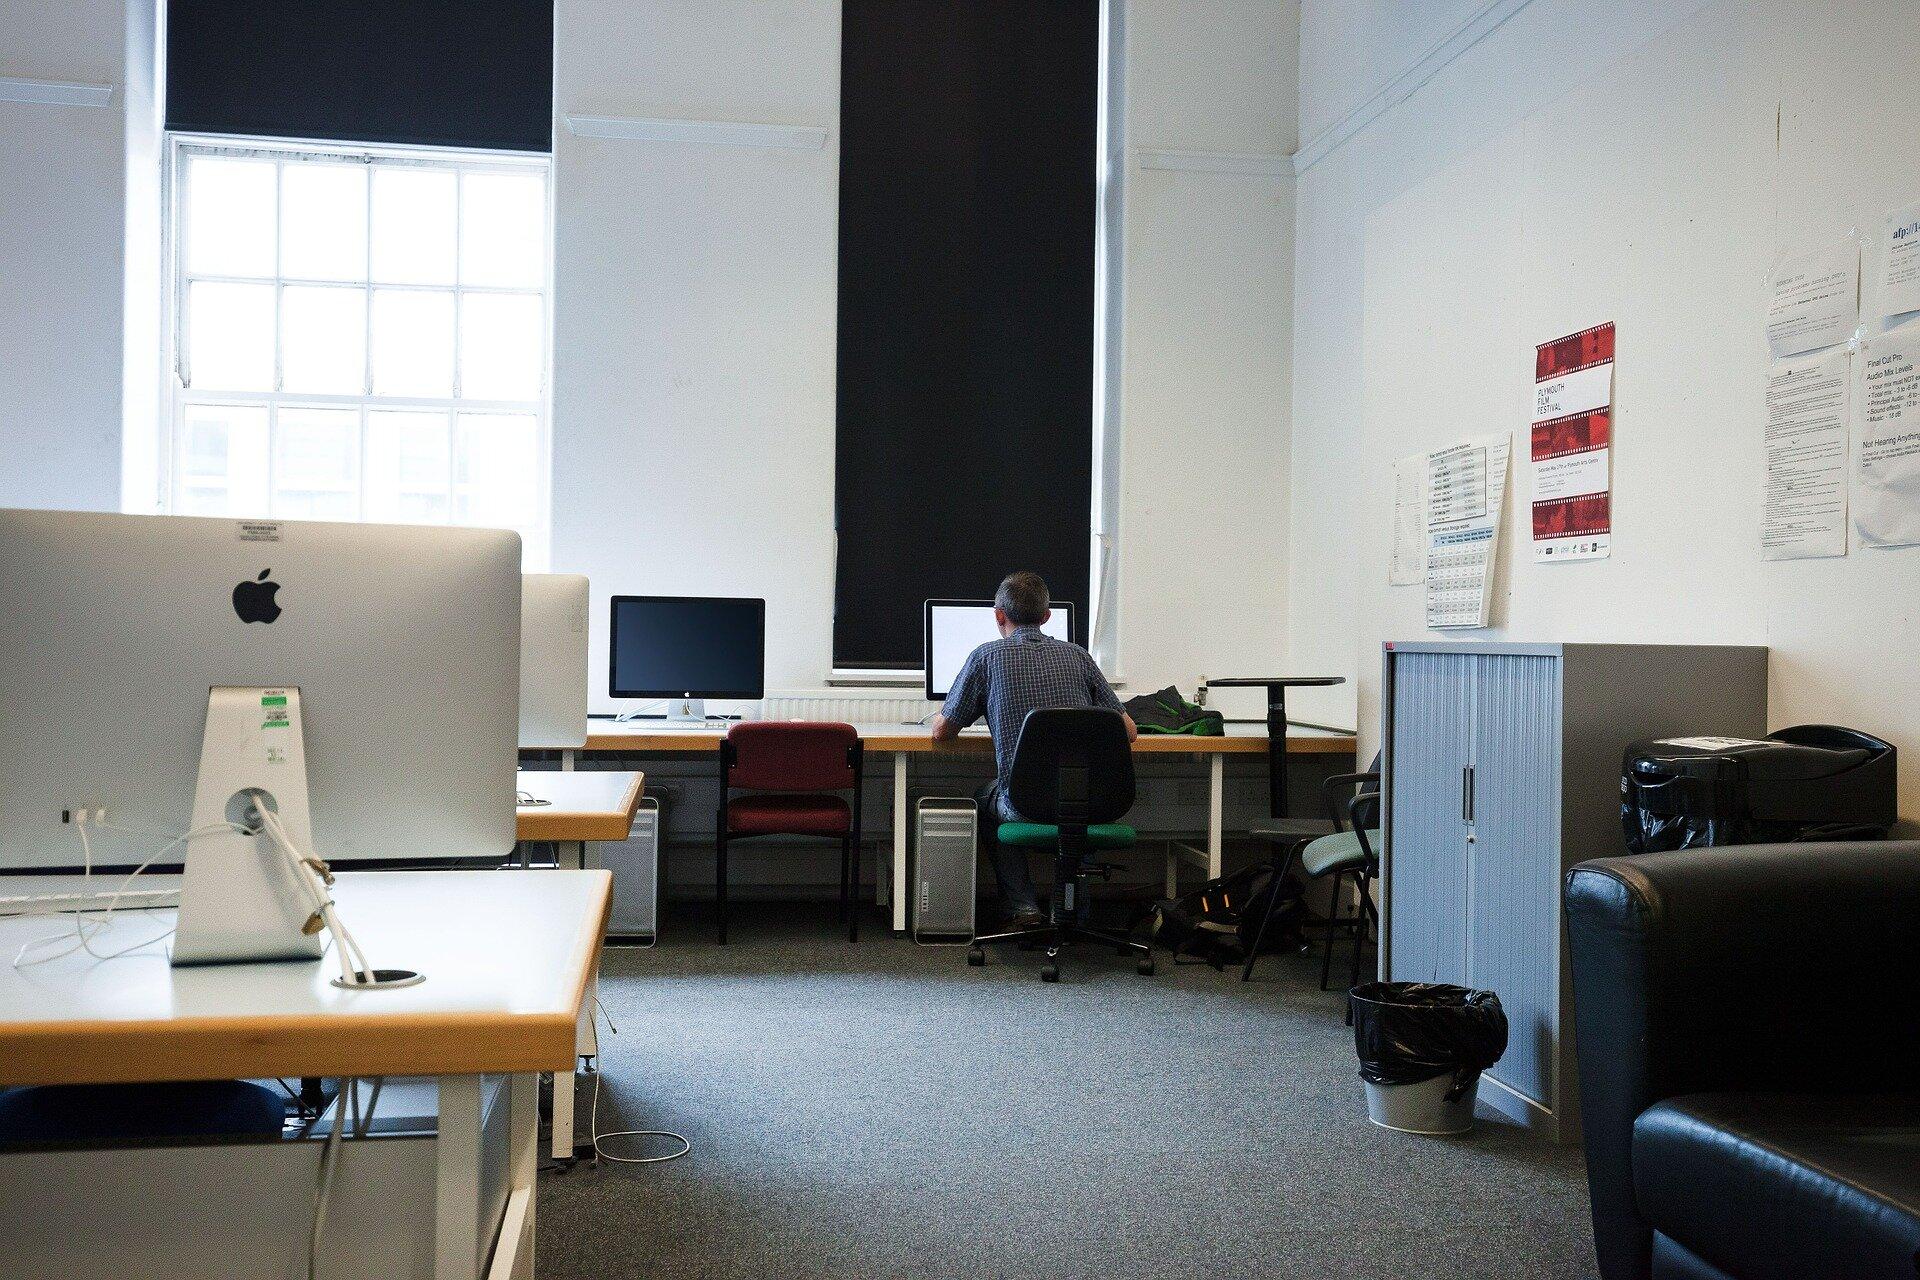 Sala komputerowa Sala komputerowa Źródło: stux, domena publiczna, [online], dostępny winternecie: pixabay.com.